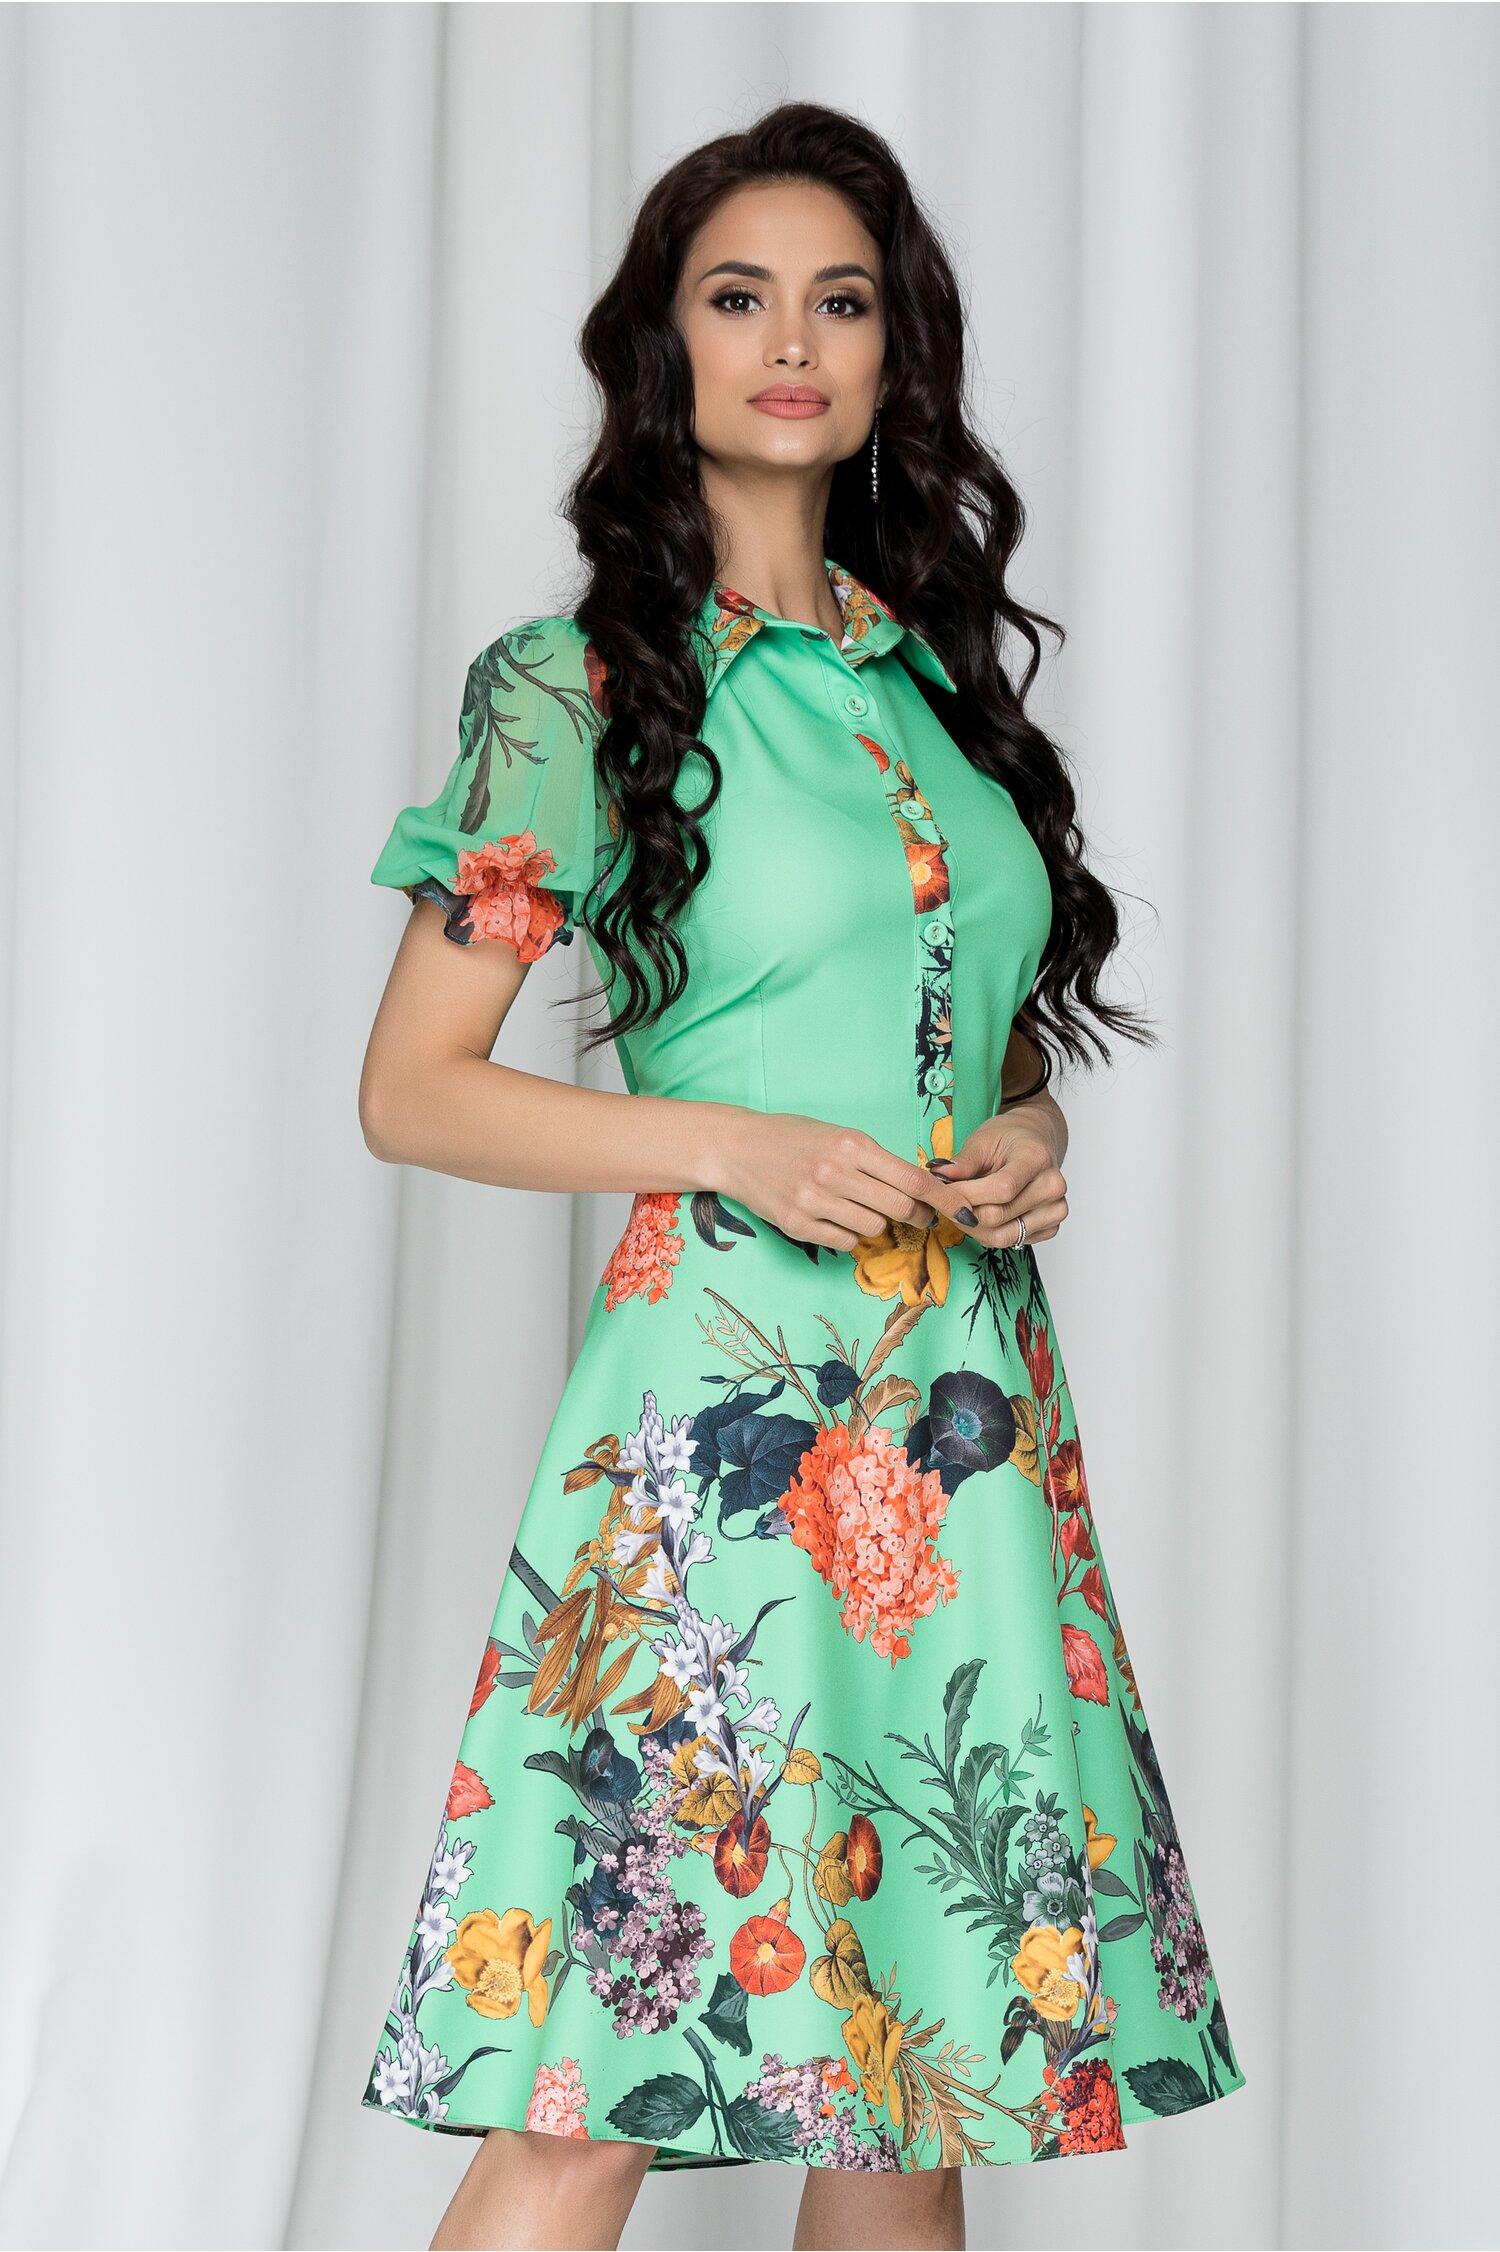 Rochie Sandrina verde cu imprimeu floral si maneci scurte din voal